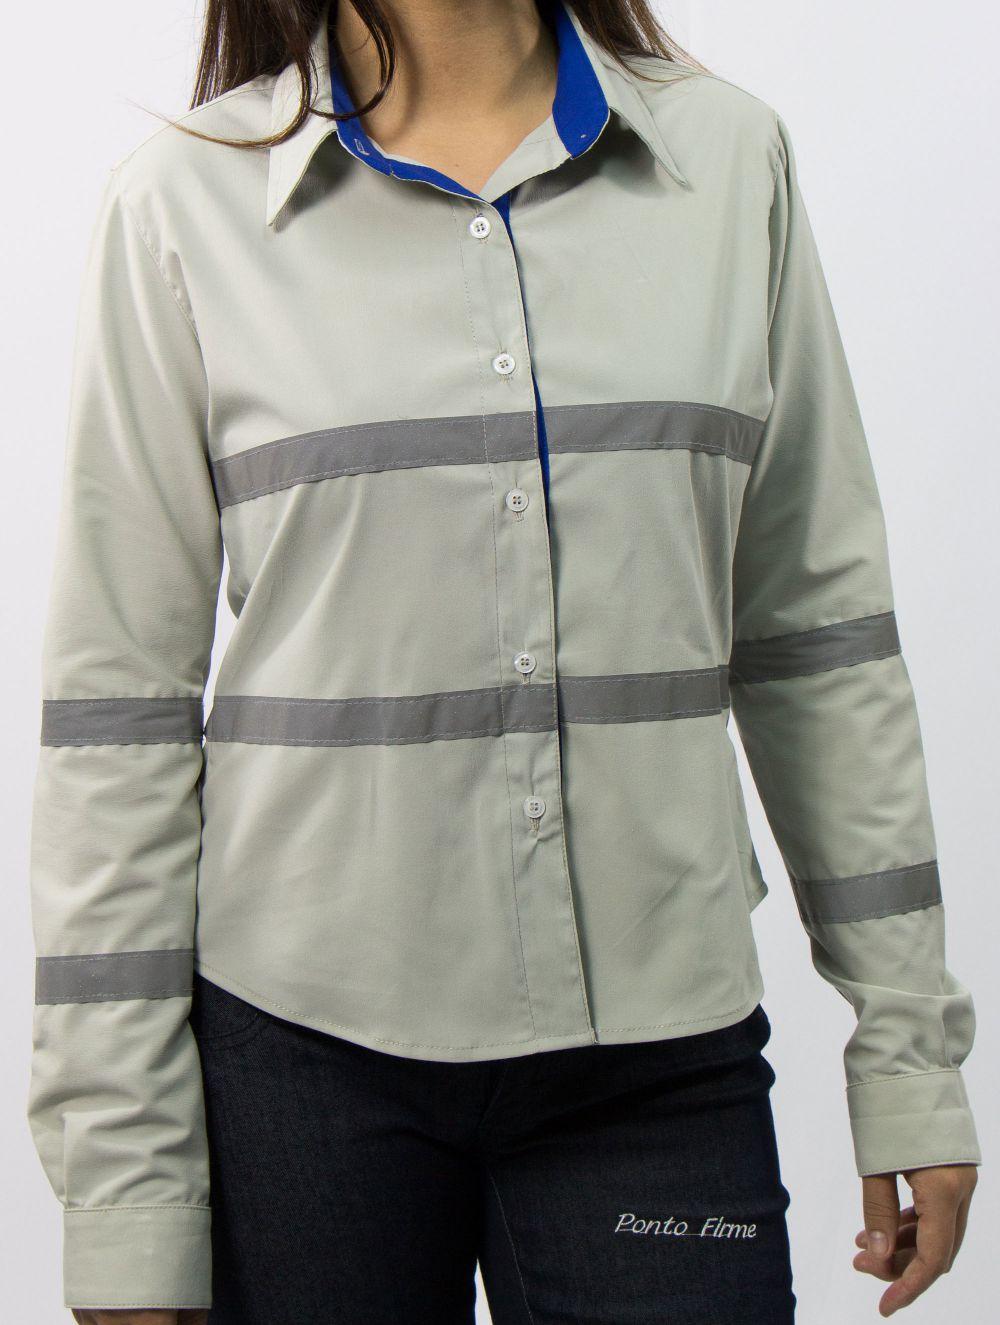 Camisa Social Operacional com Refletivas